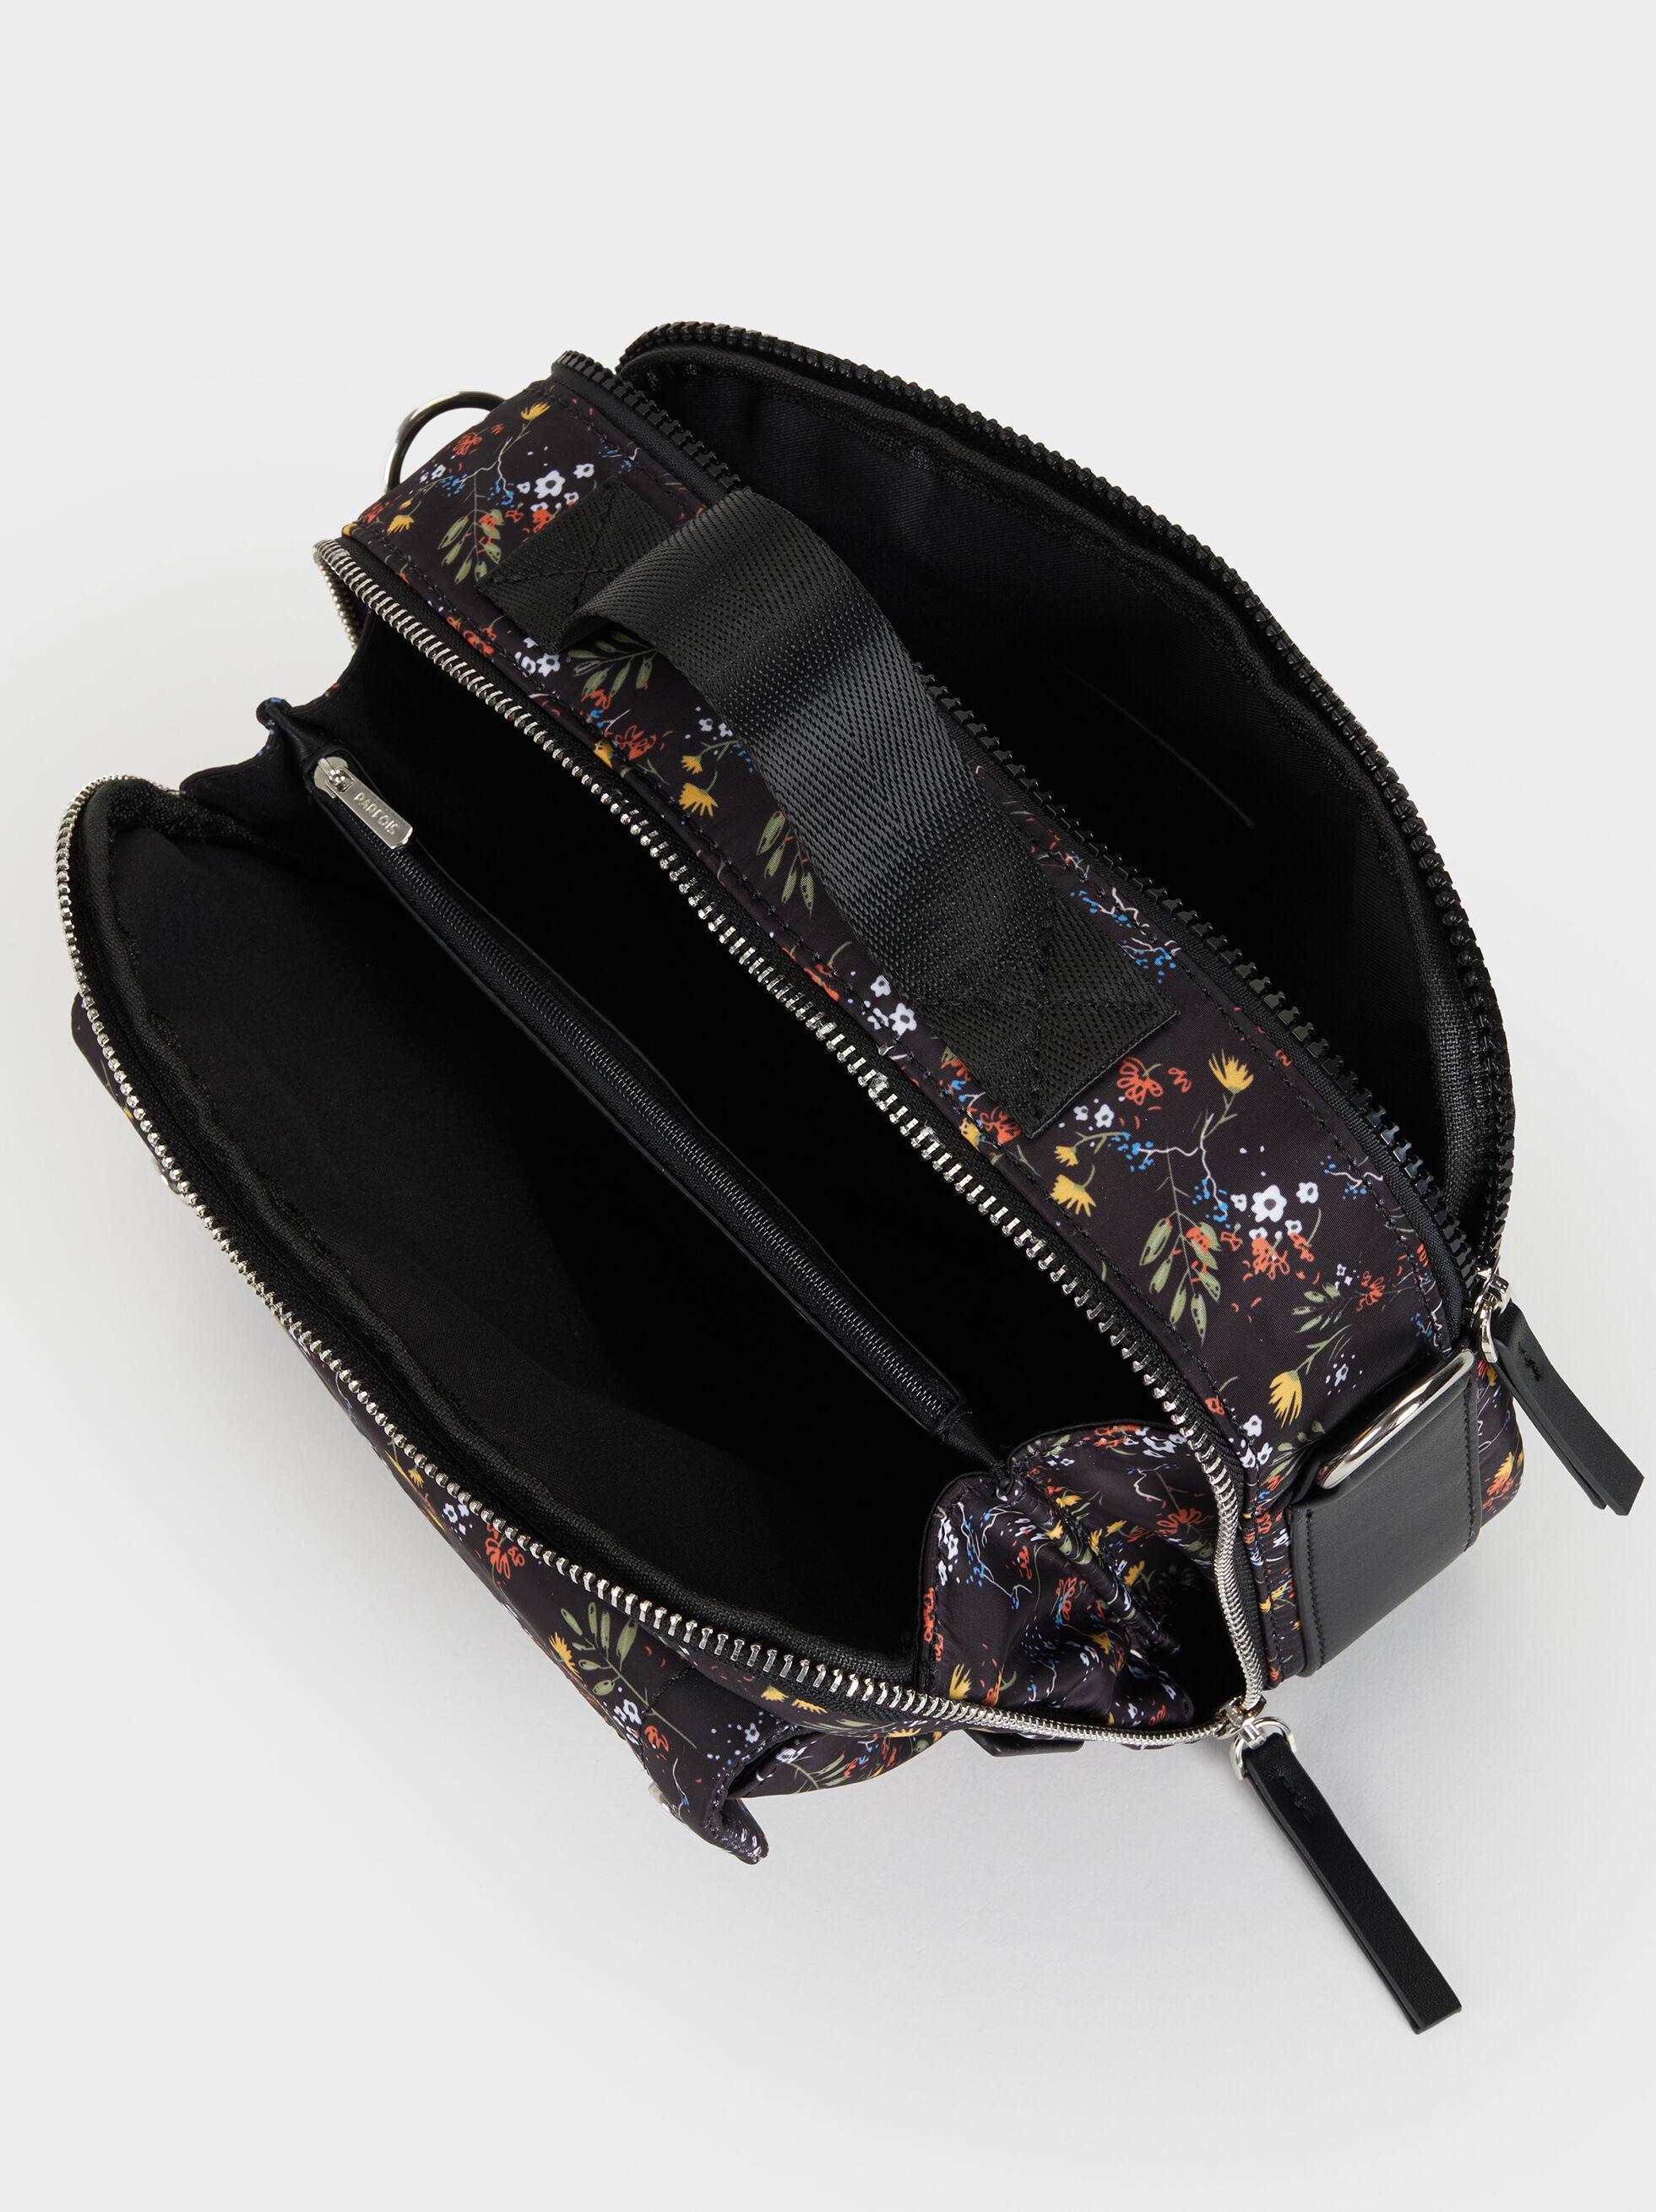 Floral Print Nylon Crossbody Bag, Black, hi-res